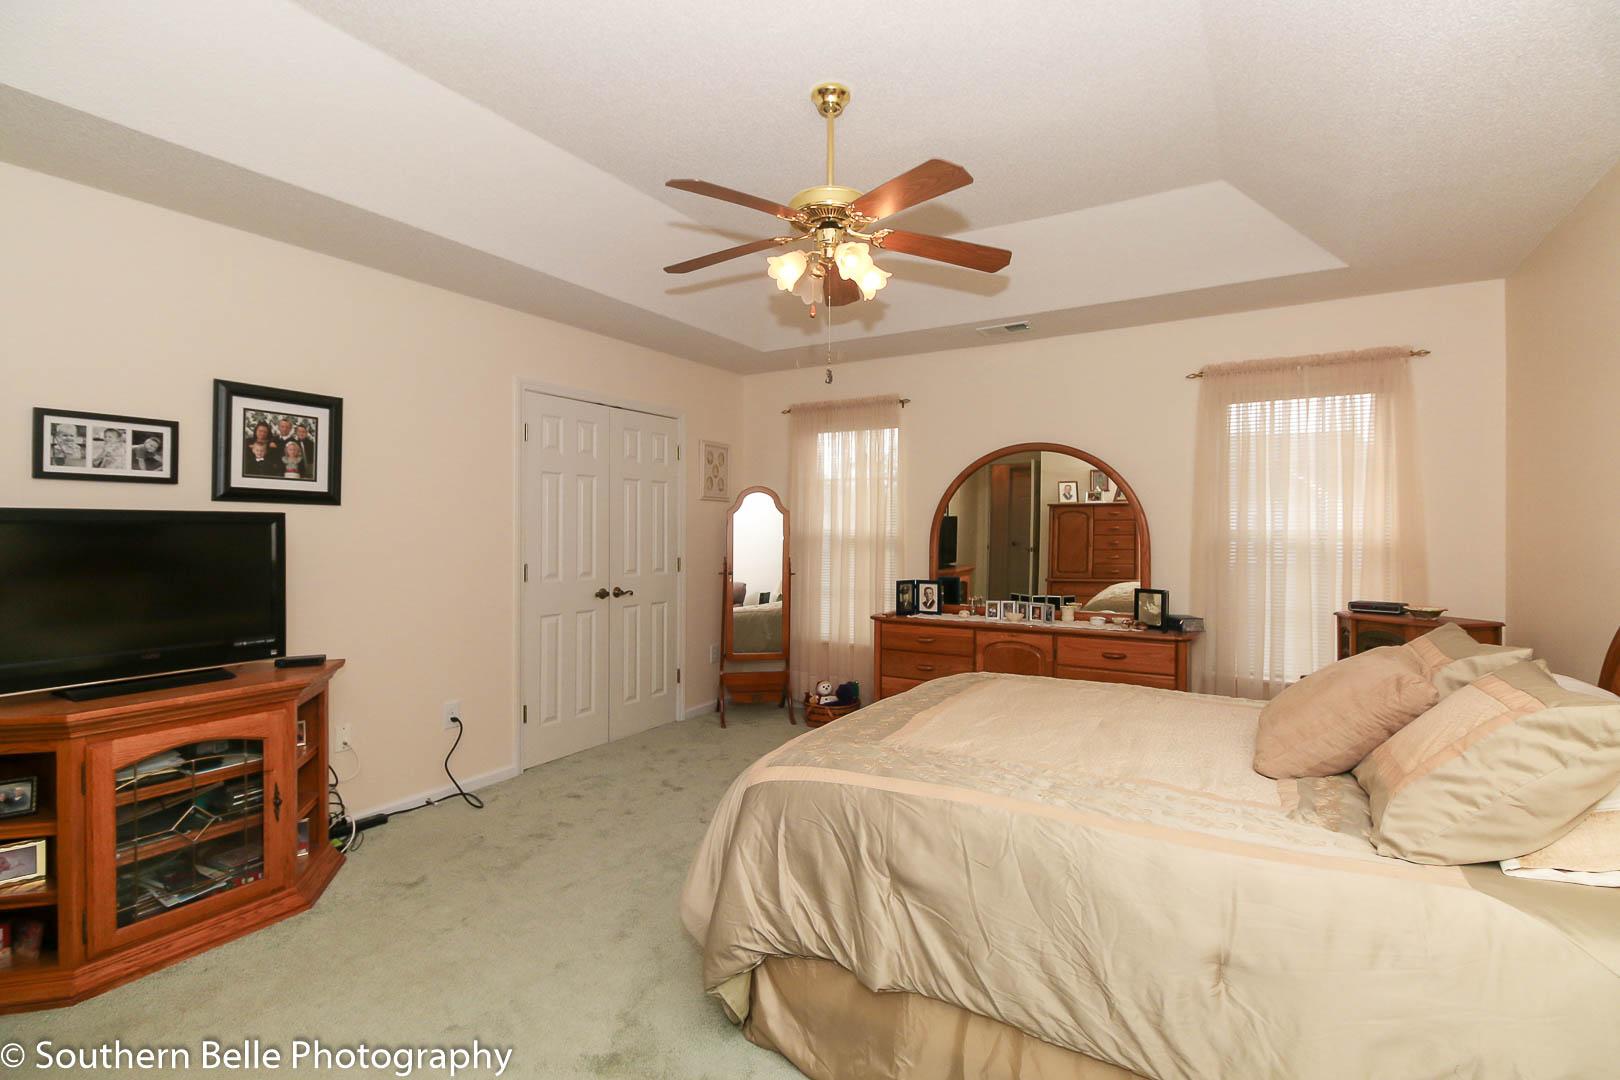 23. Master Bedroom WM